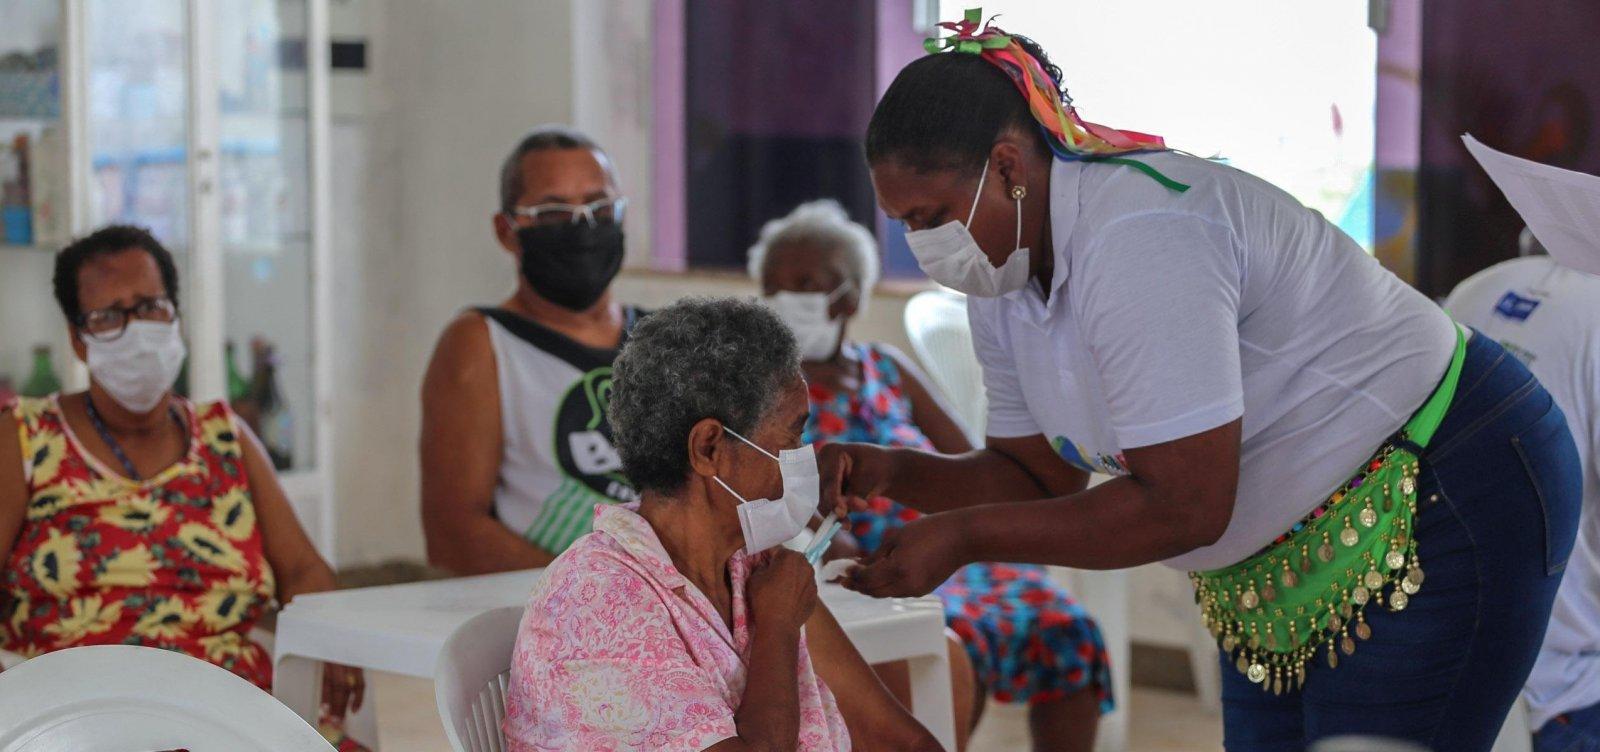 Idosos do abrigo Dom Pedro II recebem segunda dose da vacina contra Covid-19